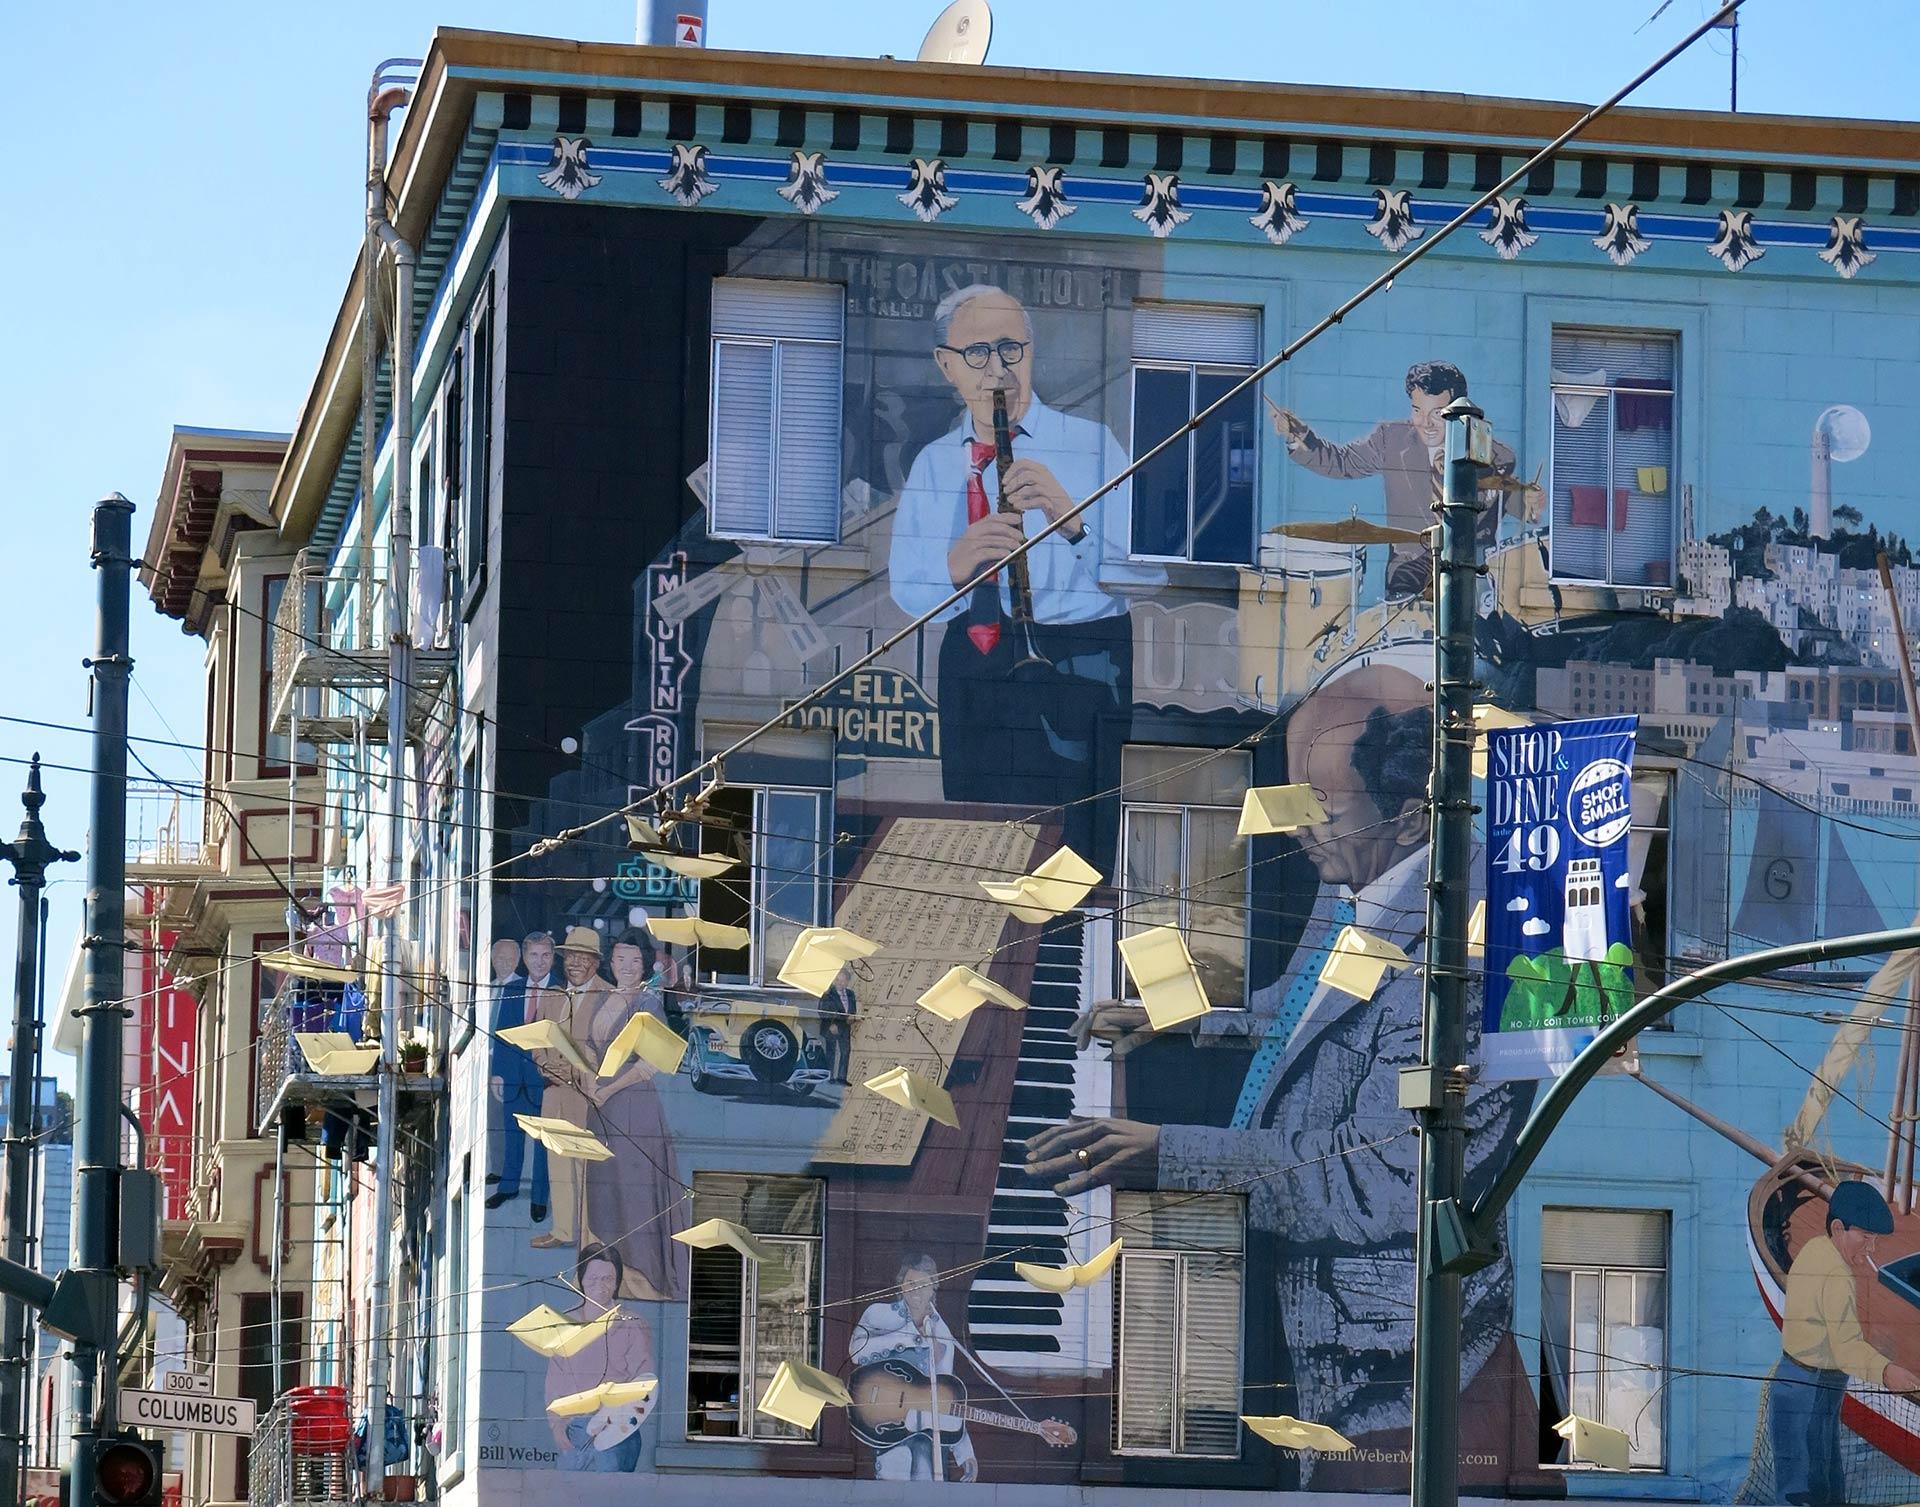 Kun näet tämän muraalin, olet saapunut North Beachille. Kuva: Torbakhopper, Flickr.com, CC BY-ND, 2.0